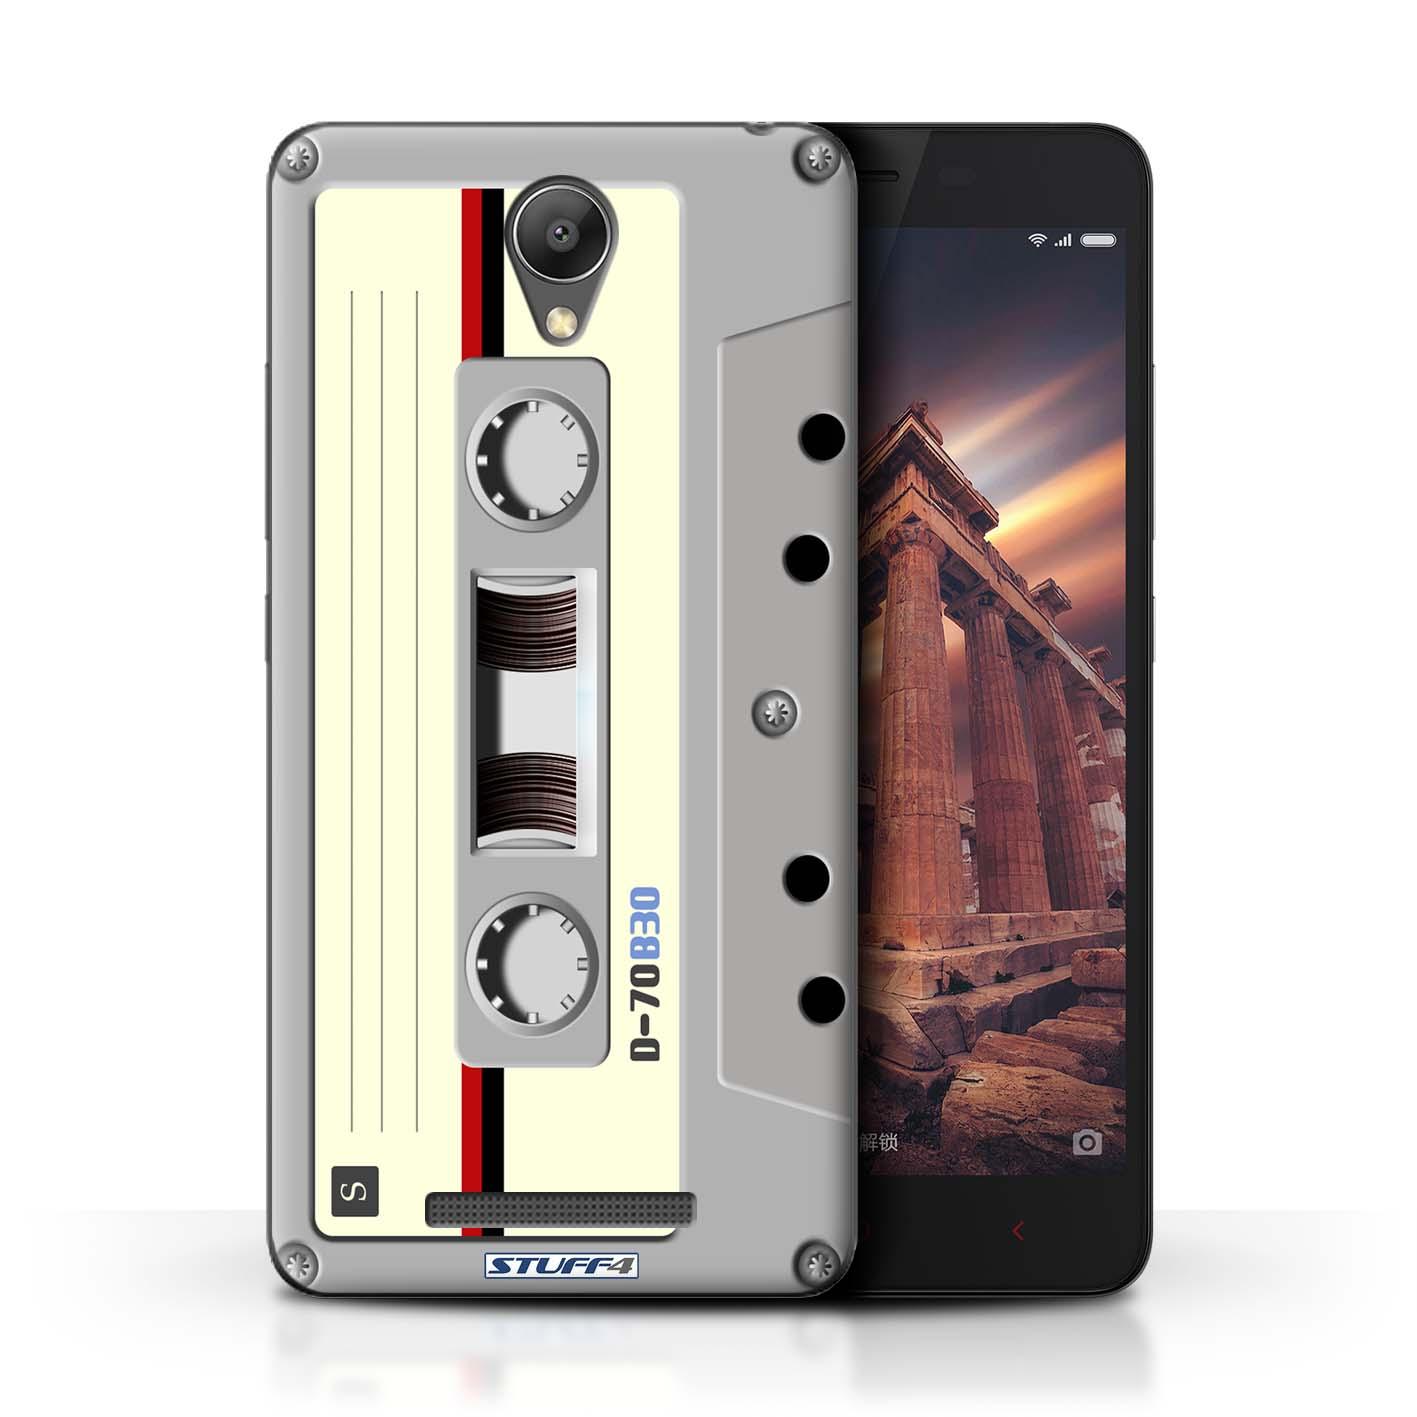 Compact Cassette Tape Retro Tech Design For Xiaomi Redmi Note 2 Prime More Designs